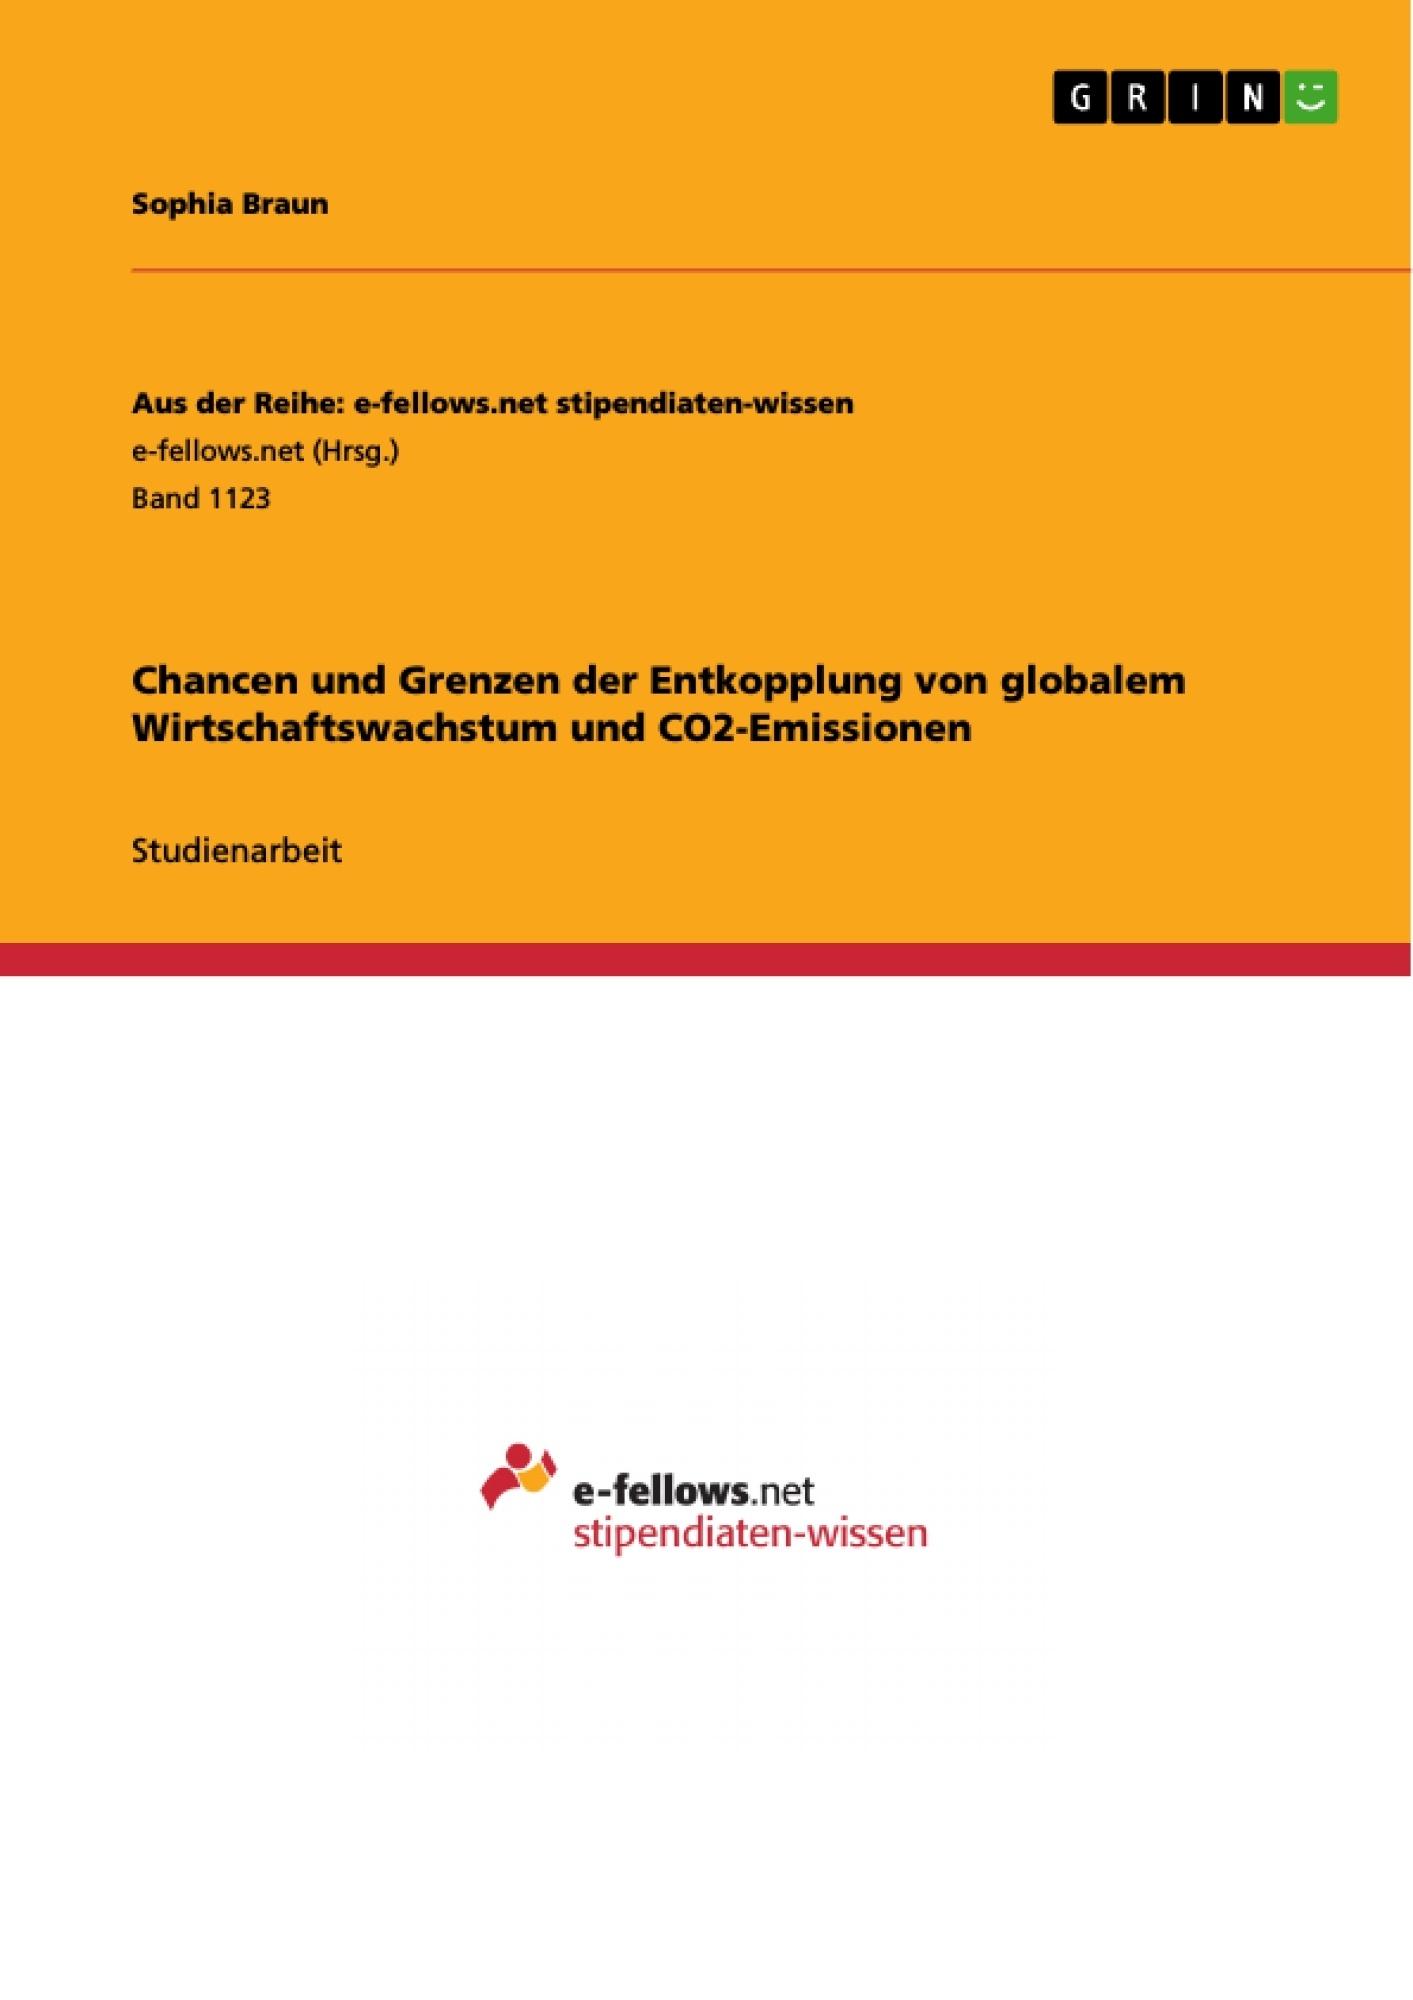 Titel: Chancen und Grenzen der Entkopplung von globalem Wirtschaftswachstum und CO2-Emissionen